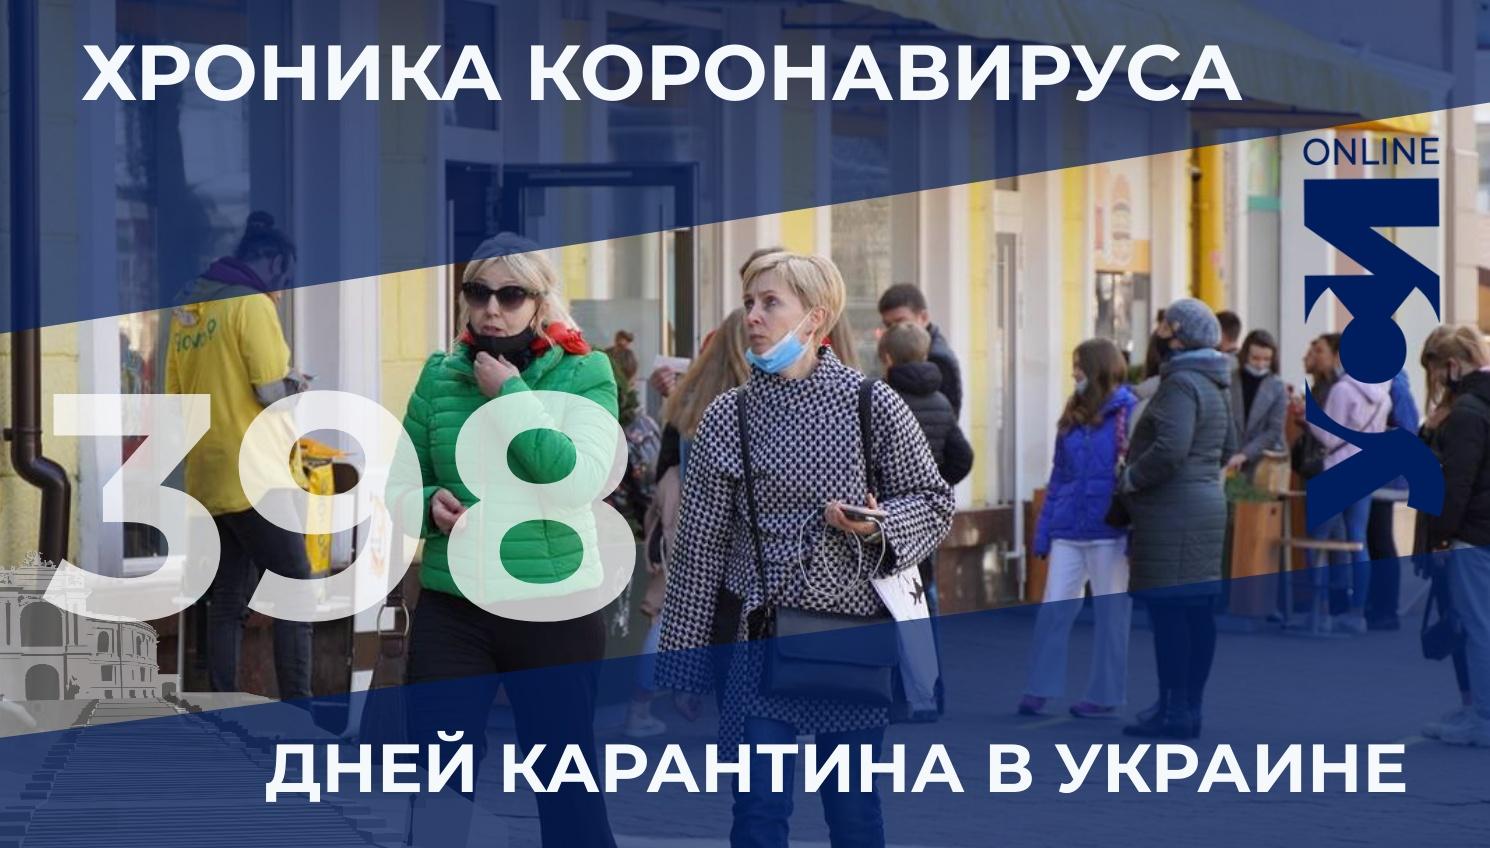 Хроника коронавируса: Одесская область в лидерах по заболеваемости «фото»